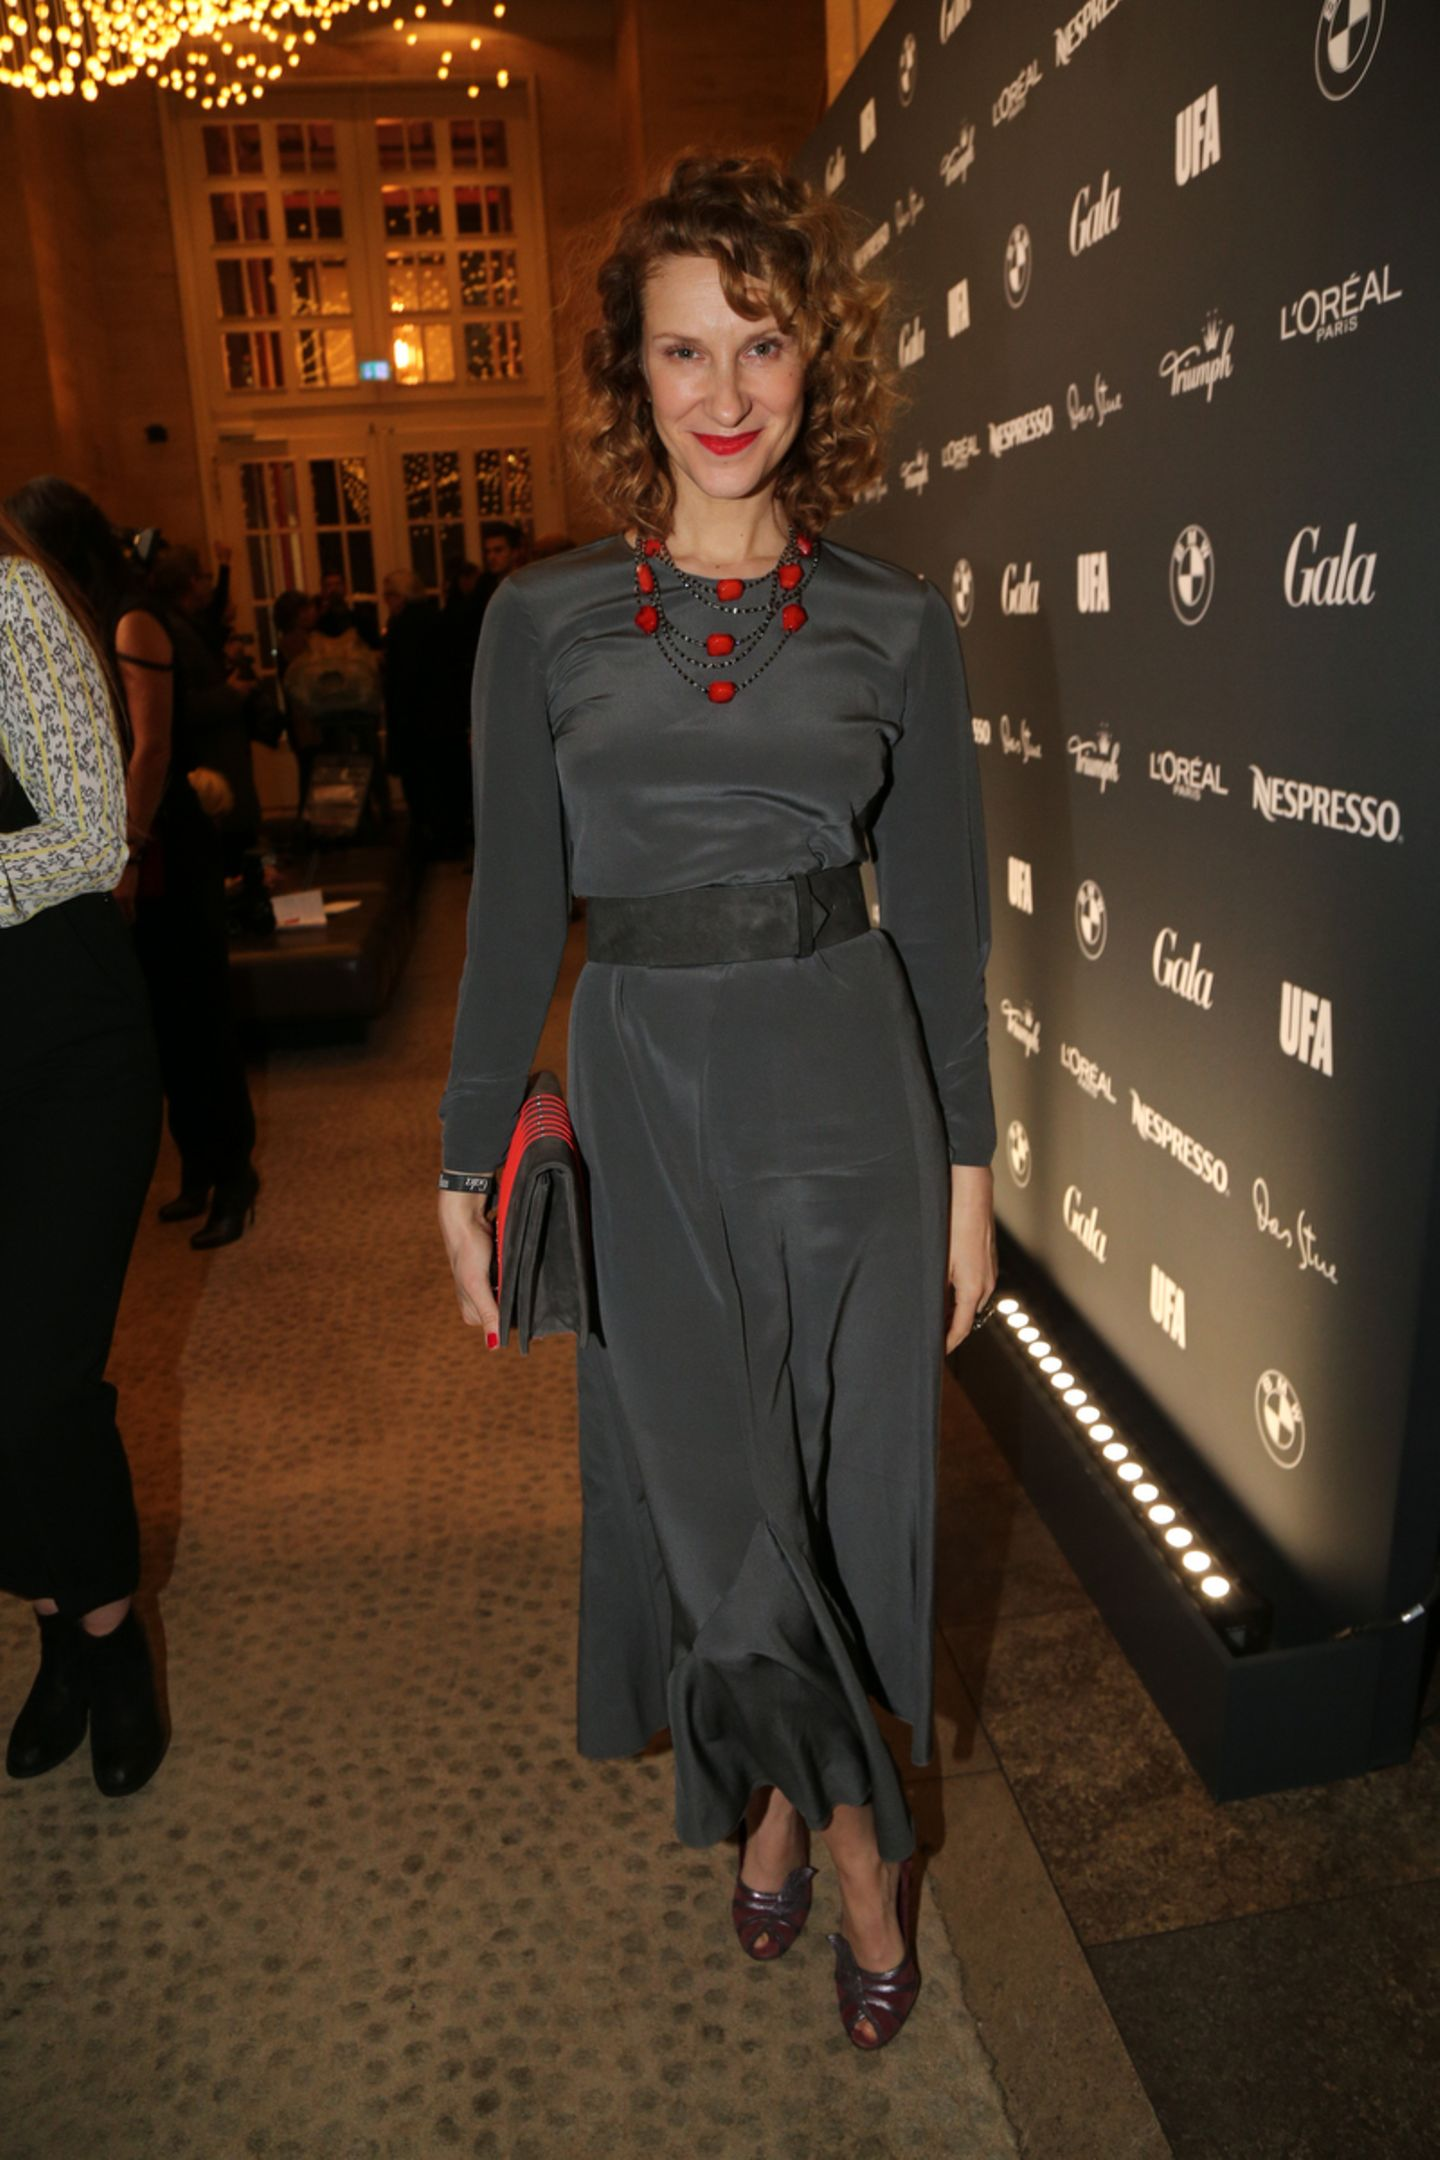 Schauspielerin Chiara Schoras sieht in ihrem grauen Abendkleid mit roten Akzenten einfach umwerfend aus.